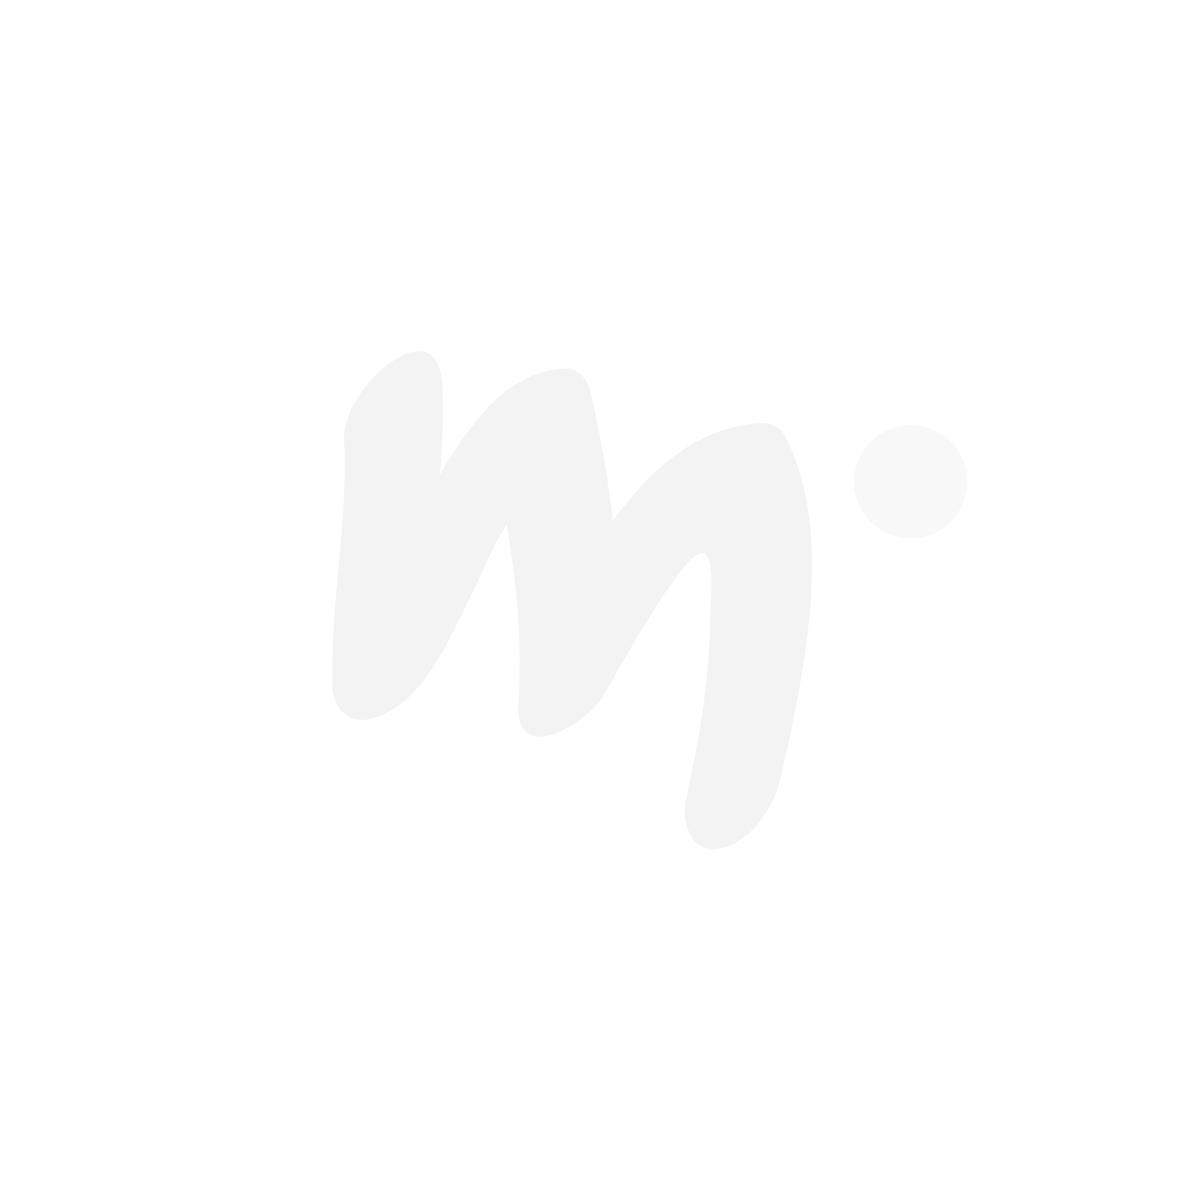 Muumi Hilpeys-purkki keltainen